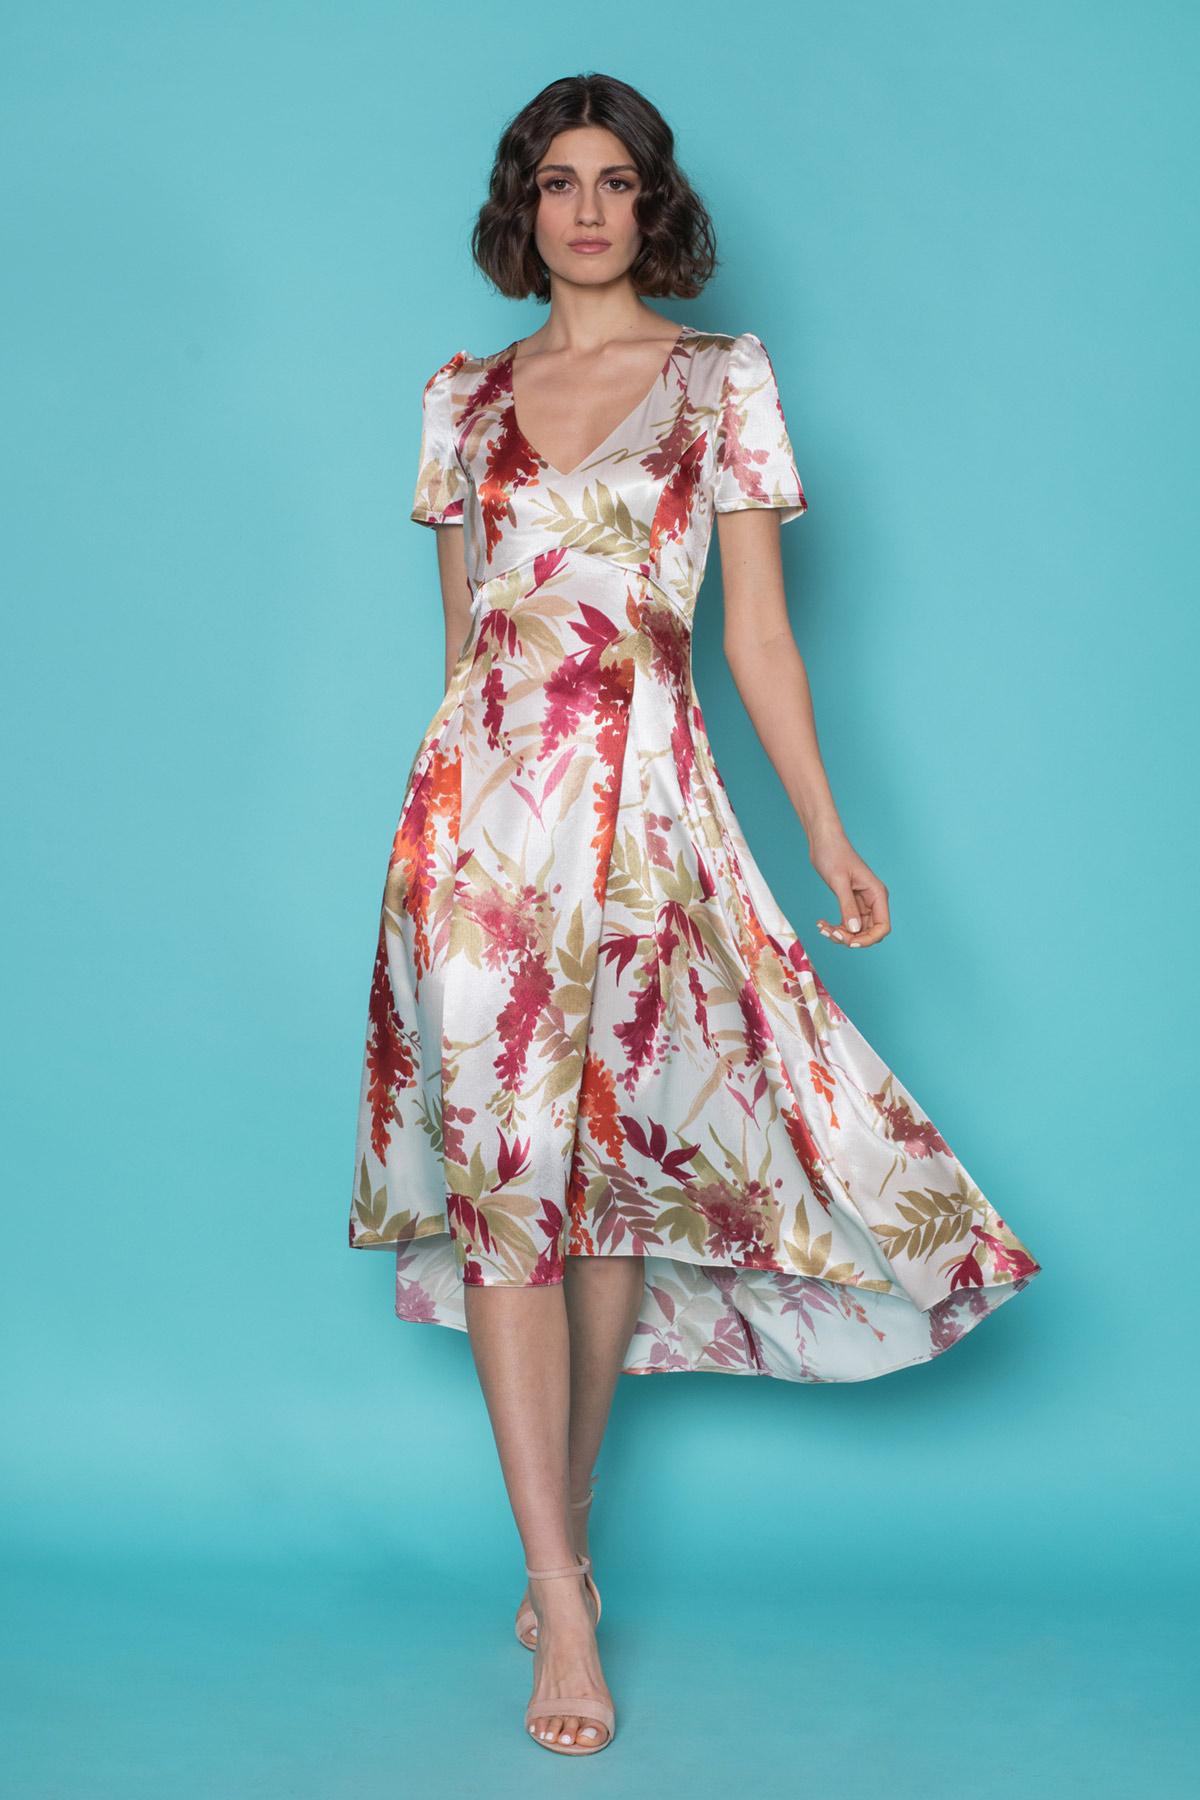 Εντυπωσιακό φλοράλ φόρεμα, με κοντά φουντωτά μανίκια, εφαρμοστό στον κορμό και ασύμμετρη κλος φούστα, από αέρινο σατινέ ύφασμα με λουλούδια. Ιδανικό φόρεμα για γάμο ή οποιαδήποτε επίσημη εμφάνιση!